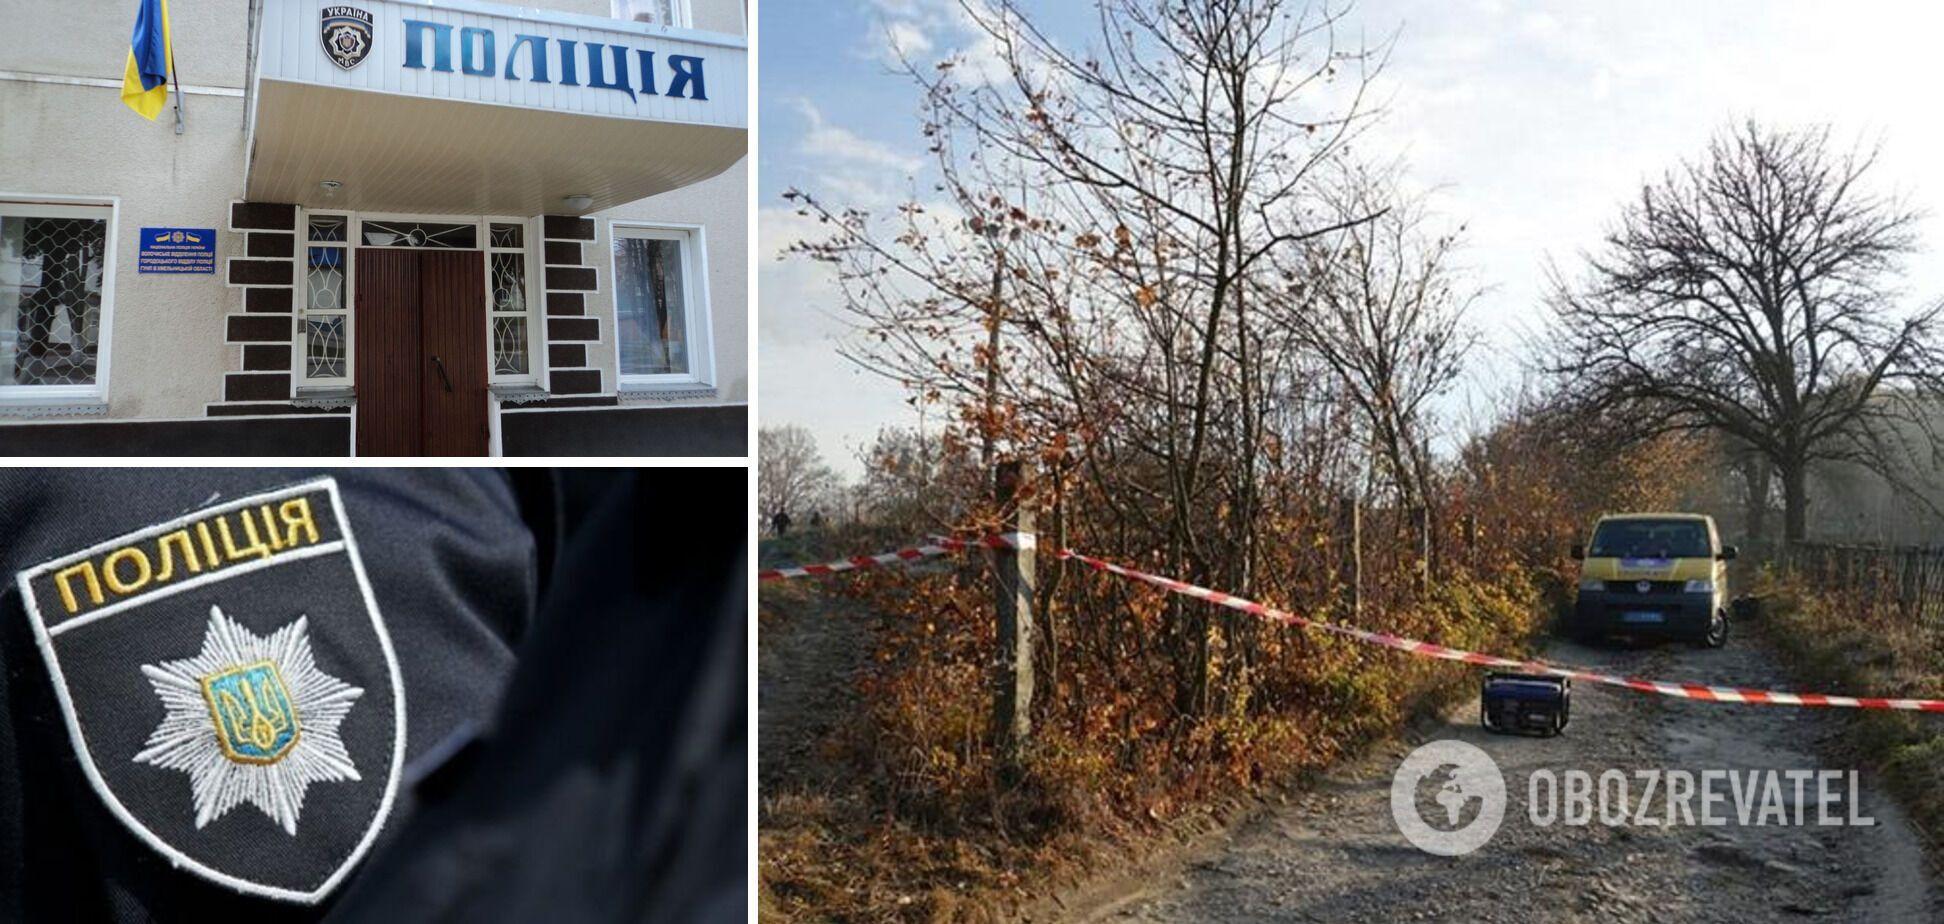 Мати знайшла тіло біля цвинтаря: на Хмельниччині за дивних обставин загинула жінка